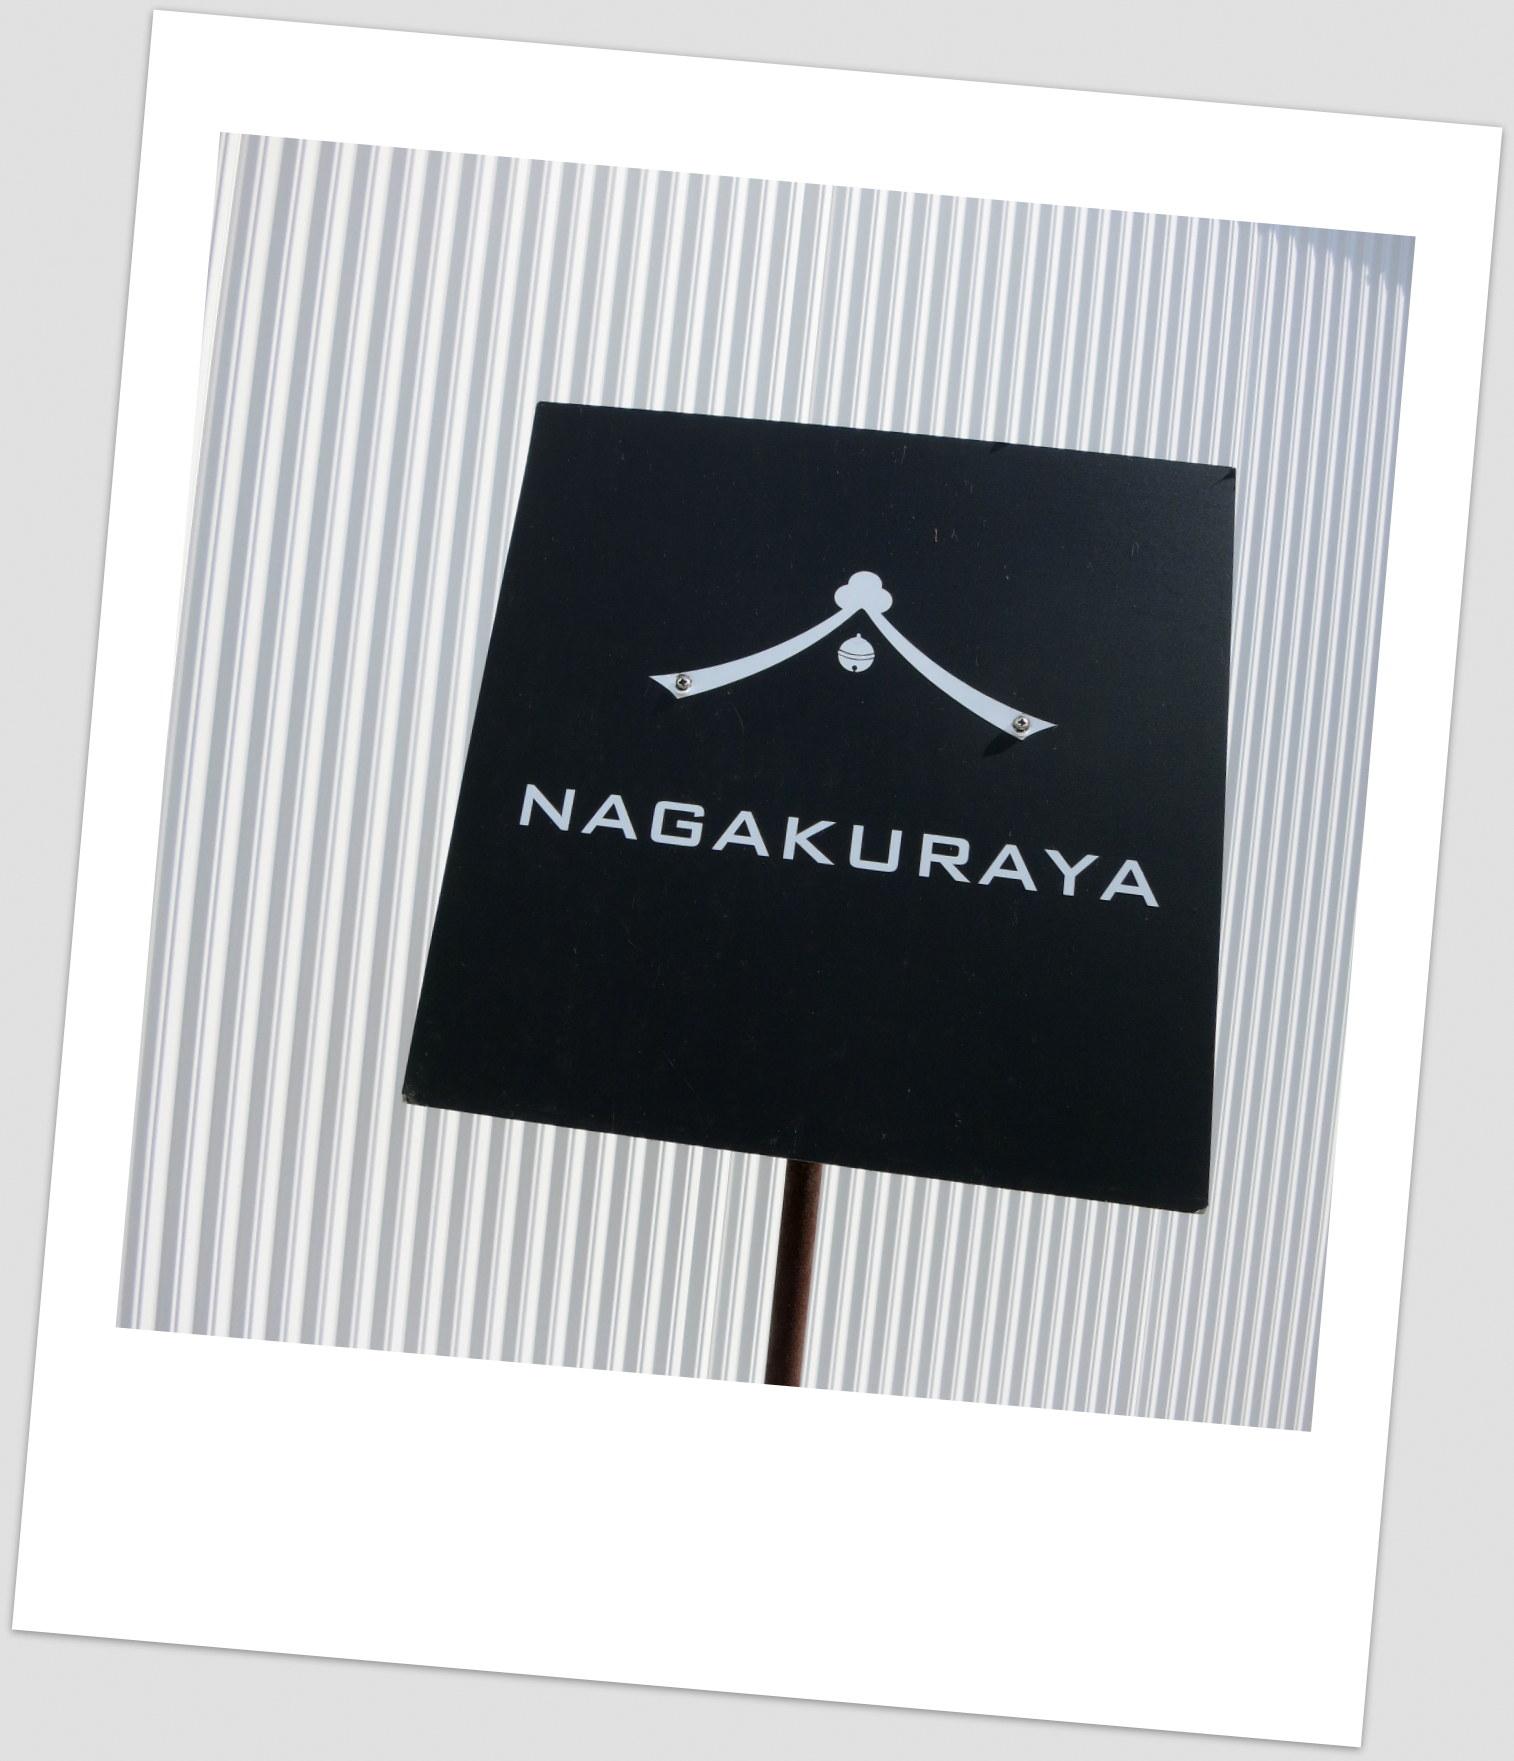 ナガクラヤ-NAGAKURAYA- ☆ 移転OPEN!_f0236260_20174766.jpg